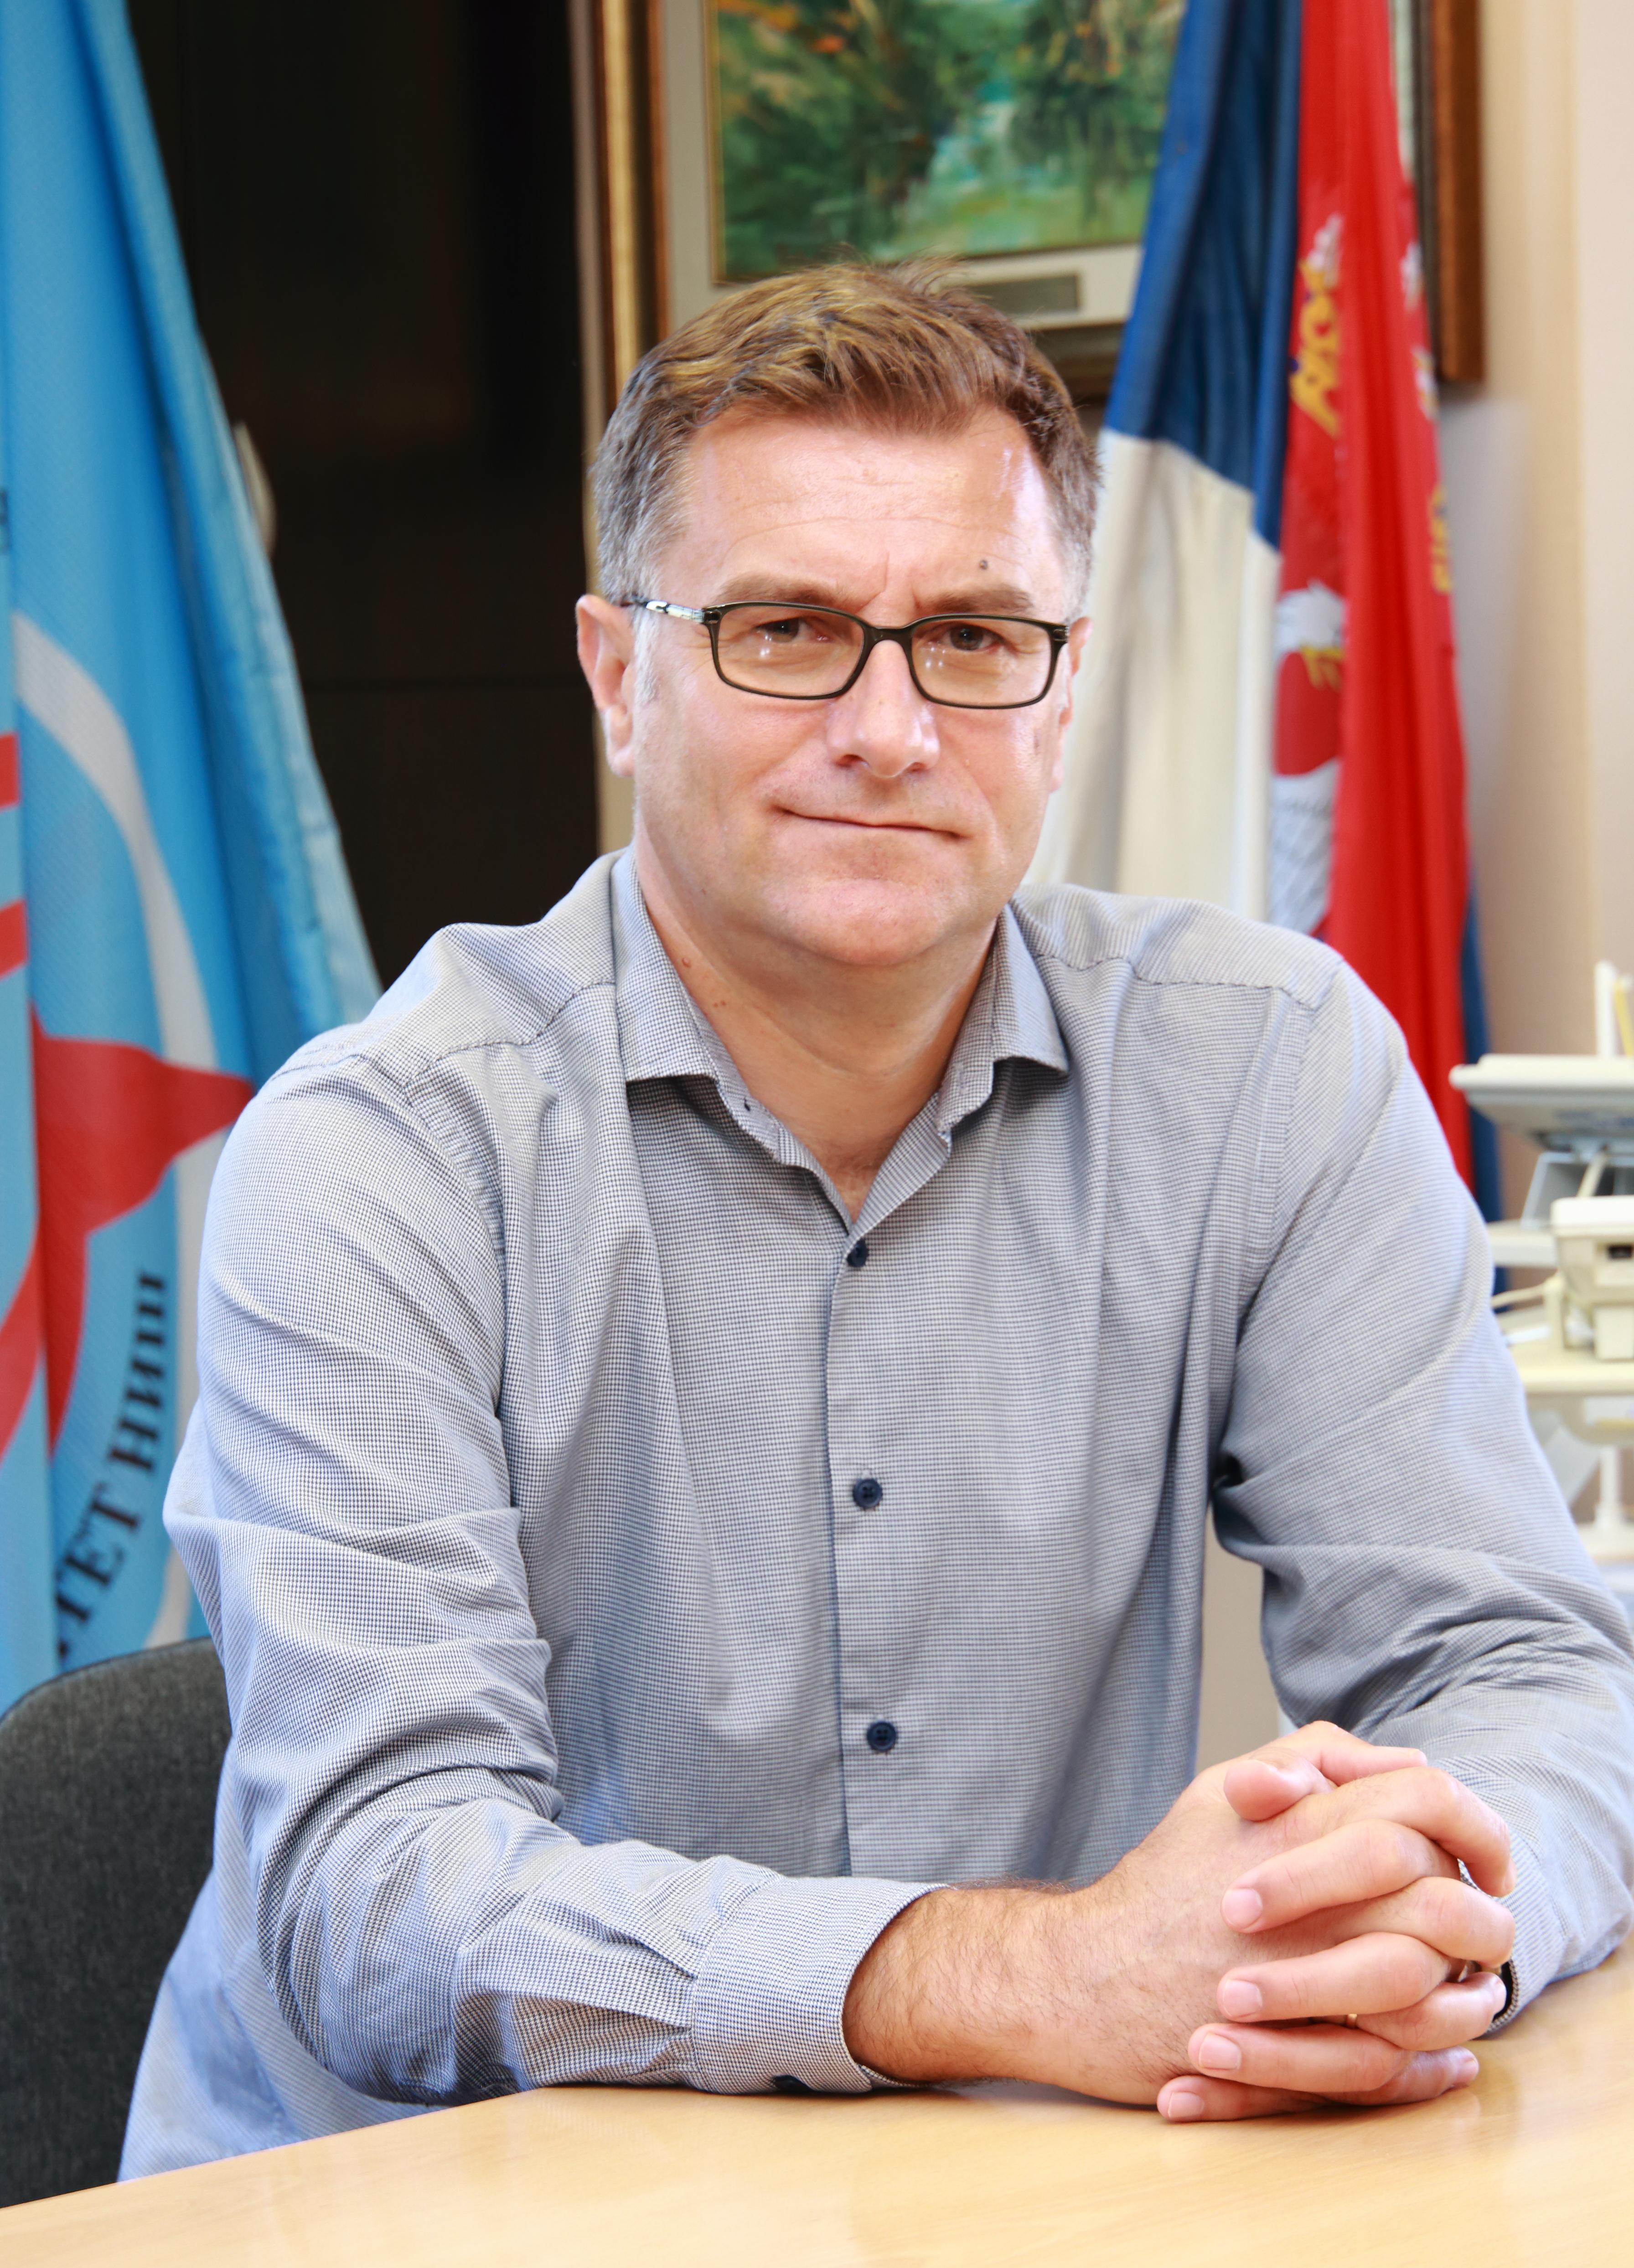 Dekan prof. dr Perica Vasiljević